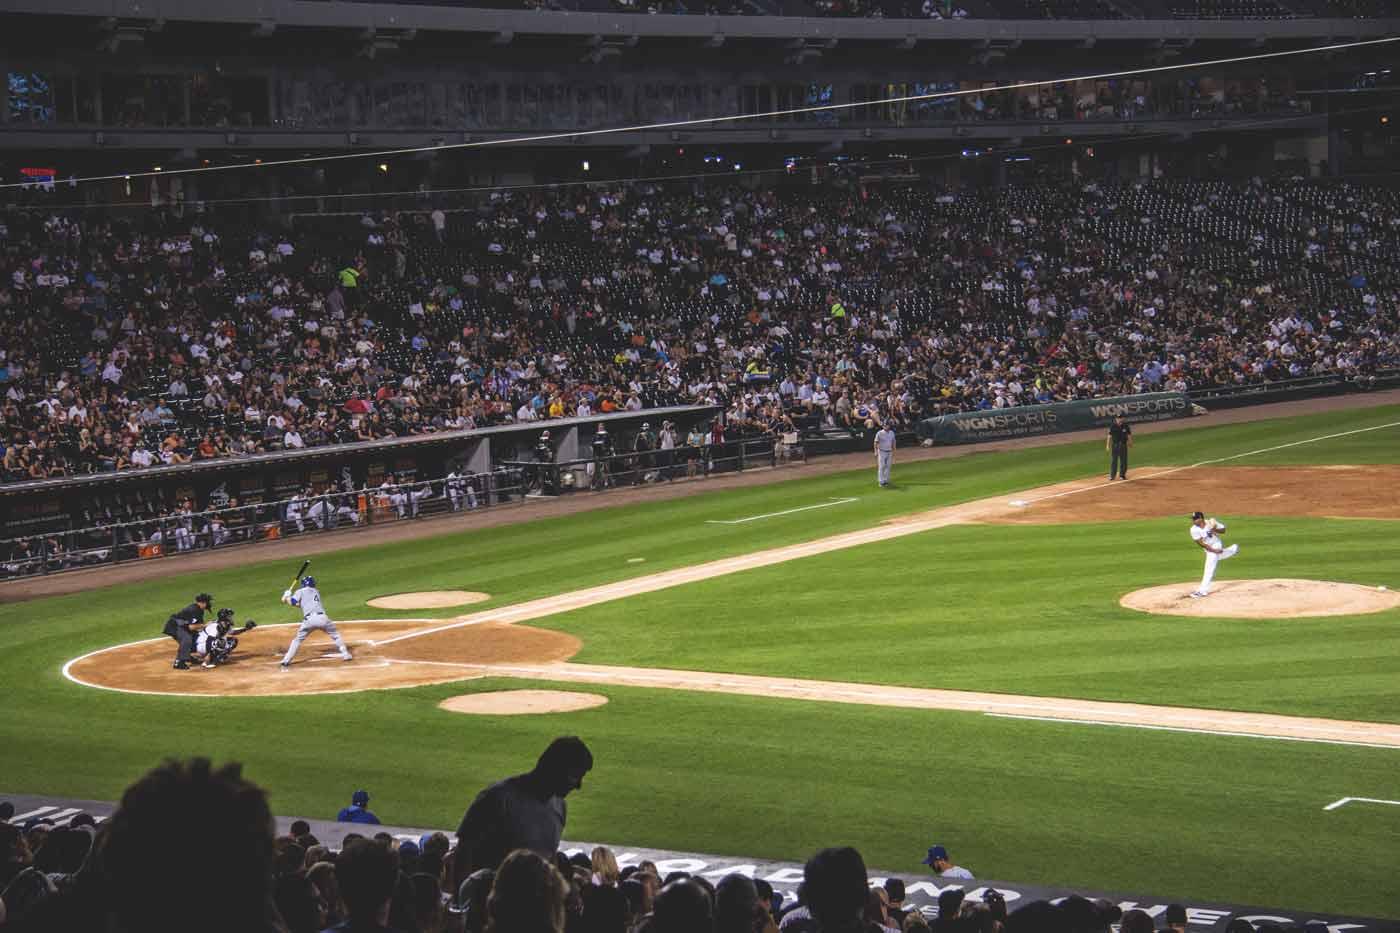 Jogo de beisebol em chicago